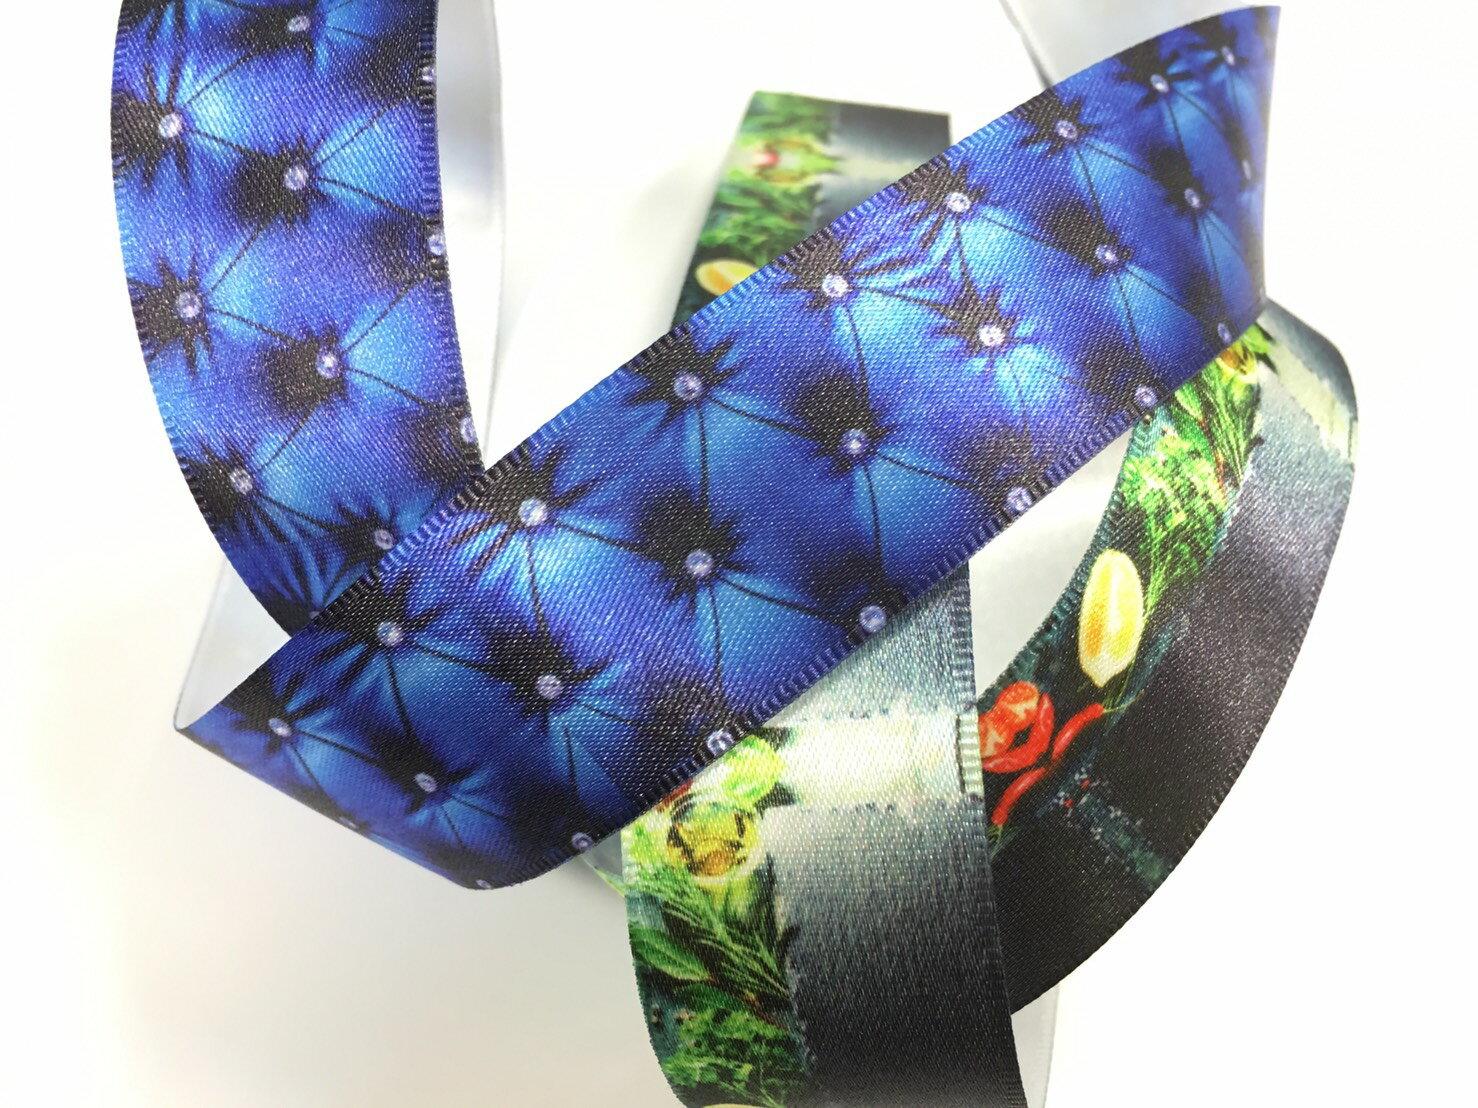 客製化緞帶 新科技新技術-全彩噴墨印刷 最低量100碼(請勿直接下單,歡迎電洽或來信詢問) 3